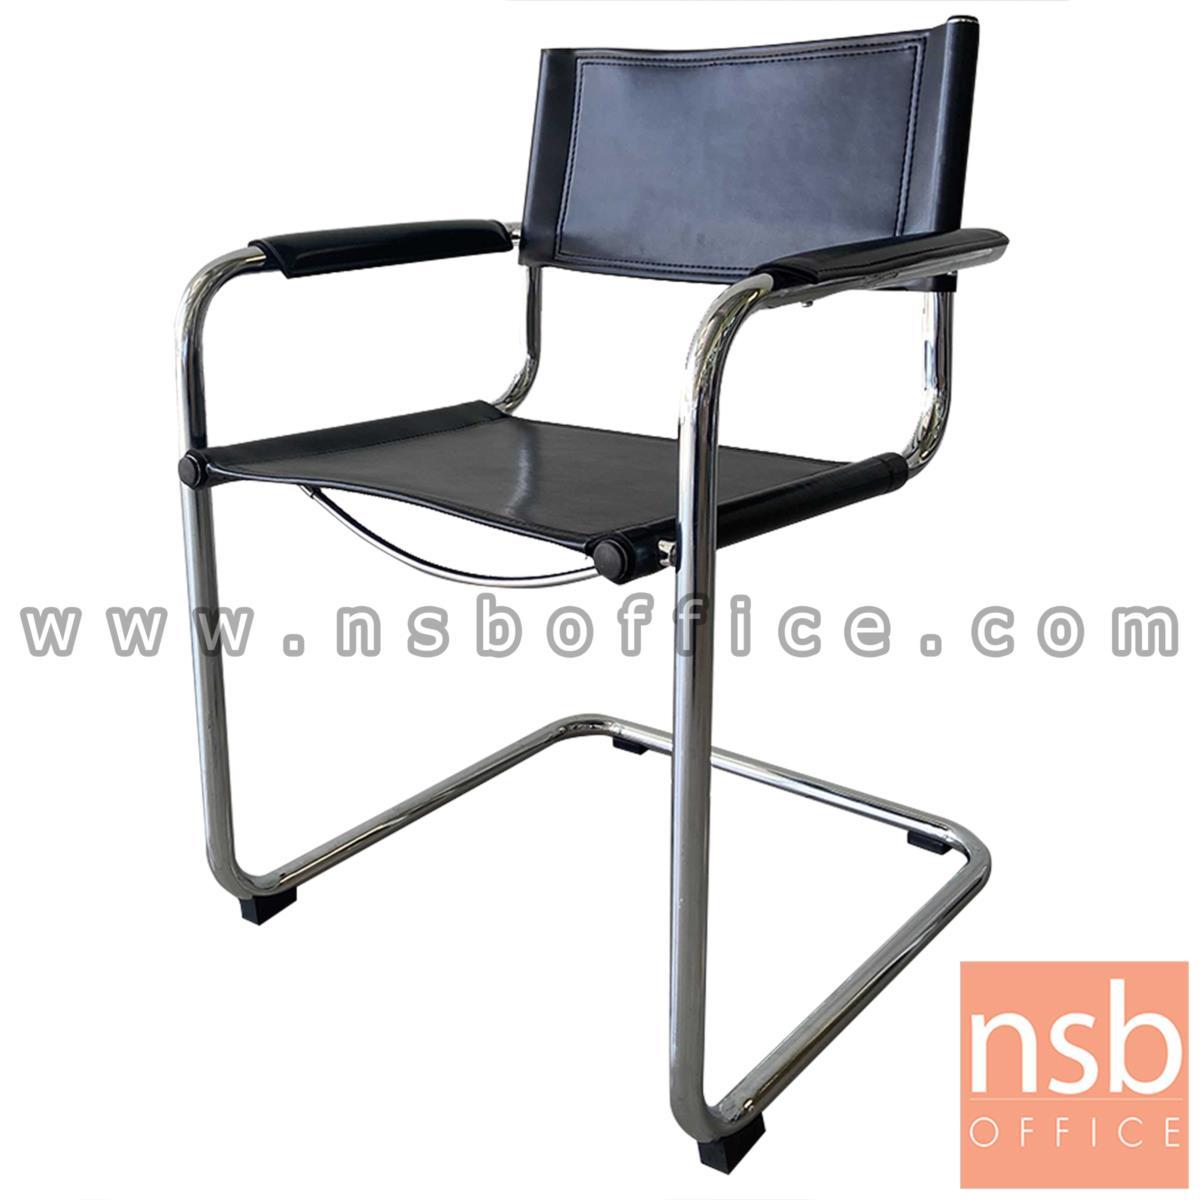 G08A304:เก้าอี้อเนกประสงค์ รุ่น blackmagic (แบล็กเมจิก)  โครงเหล็กโครเมี่ยม